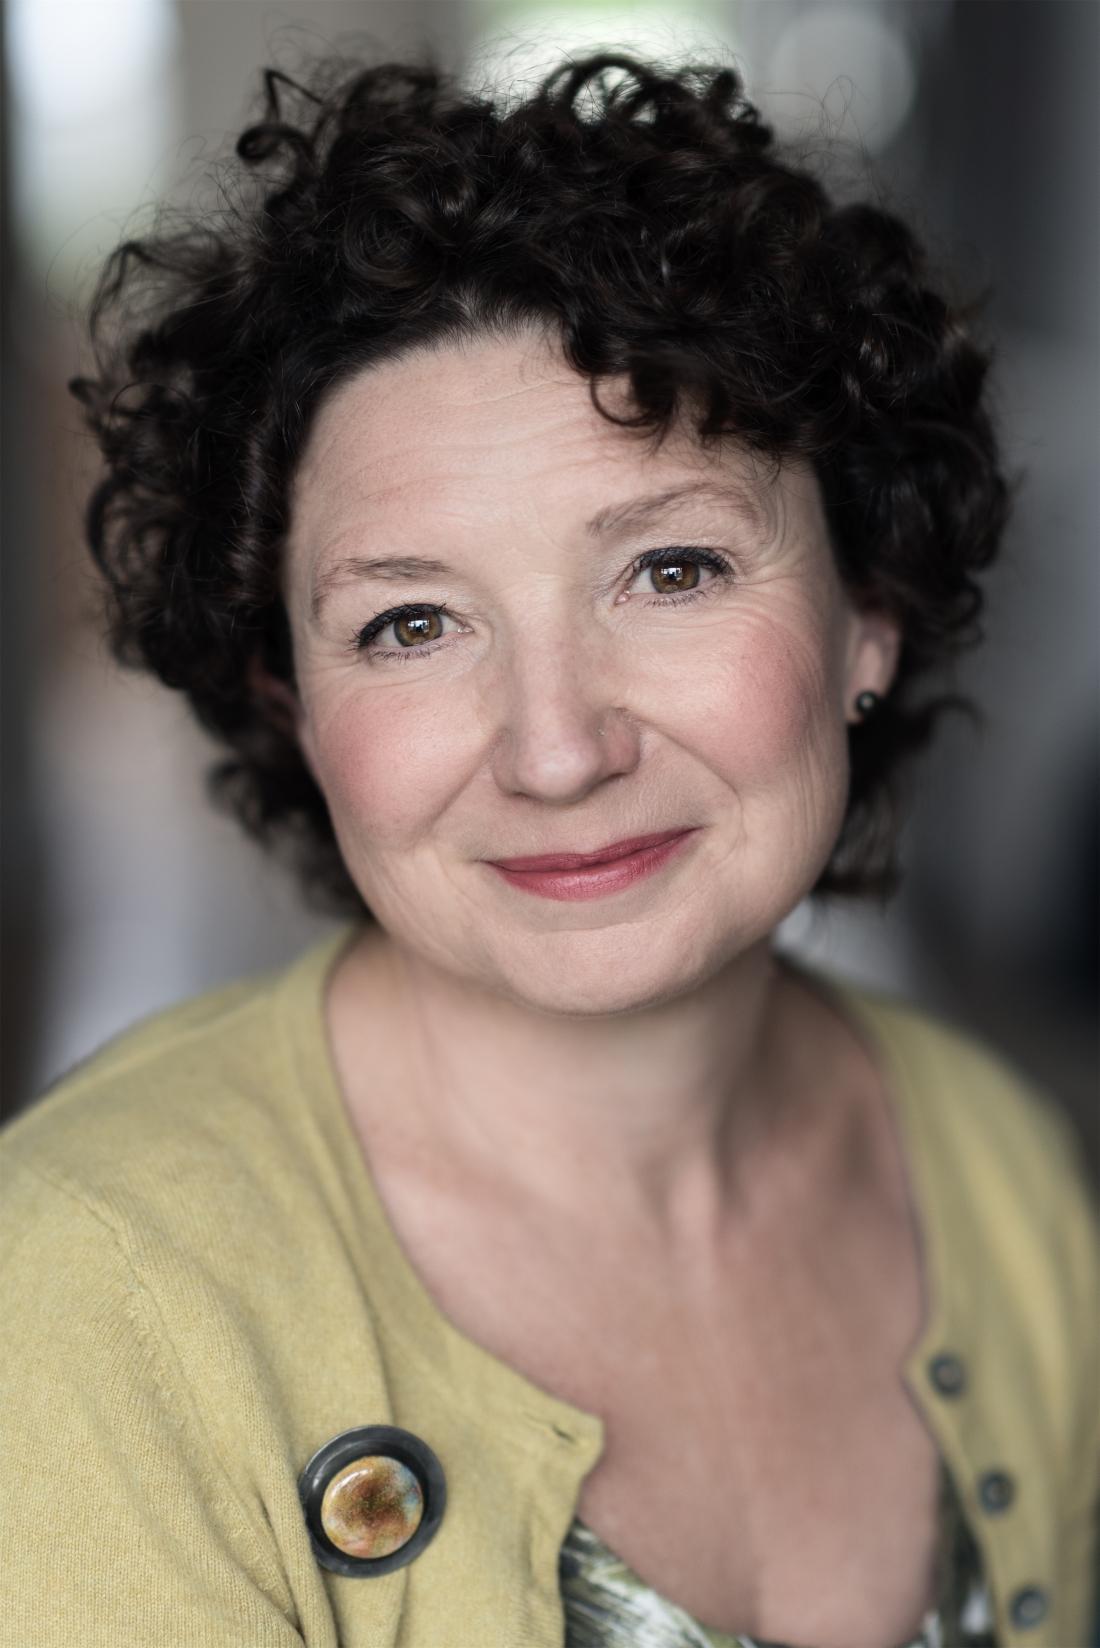 Sarah Steele (c) Eoin Schmidt-Martin